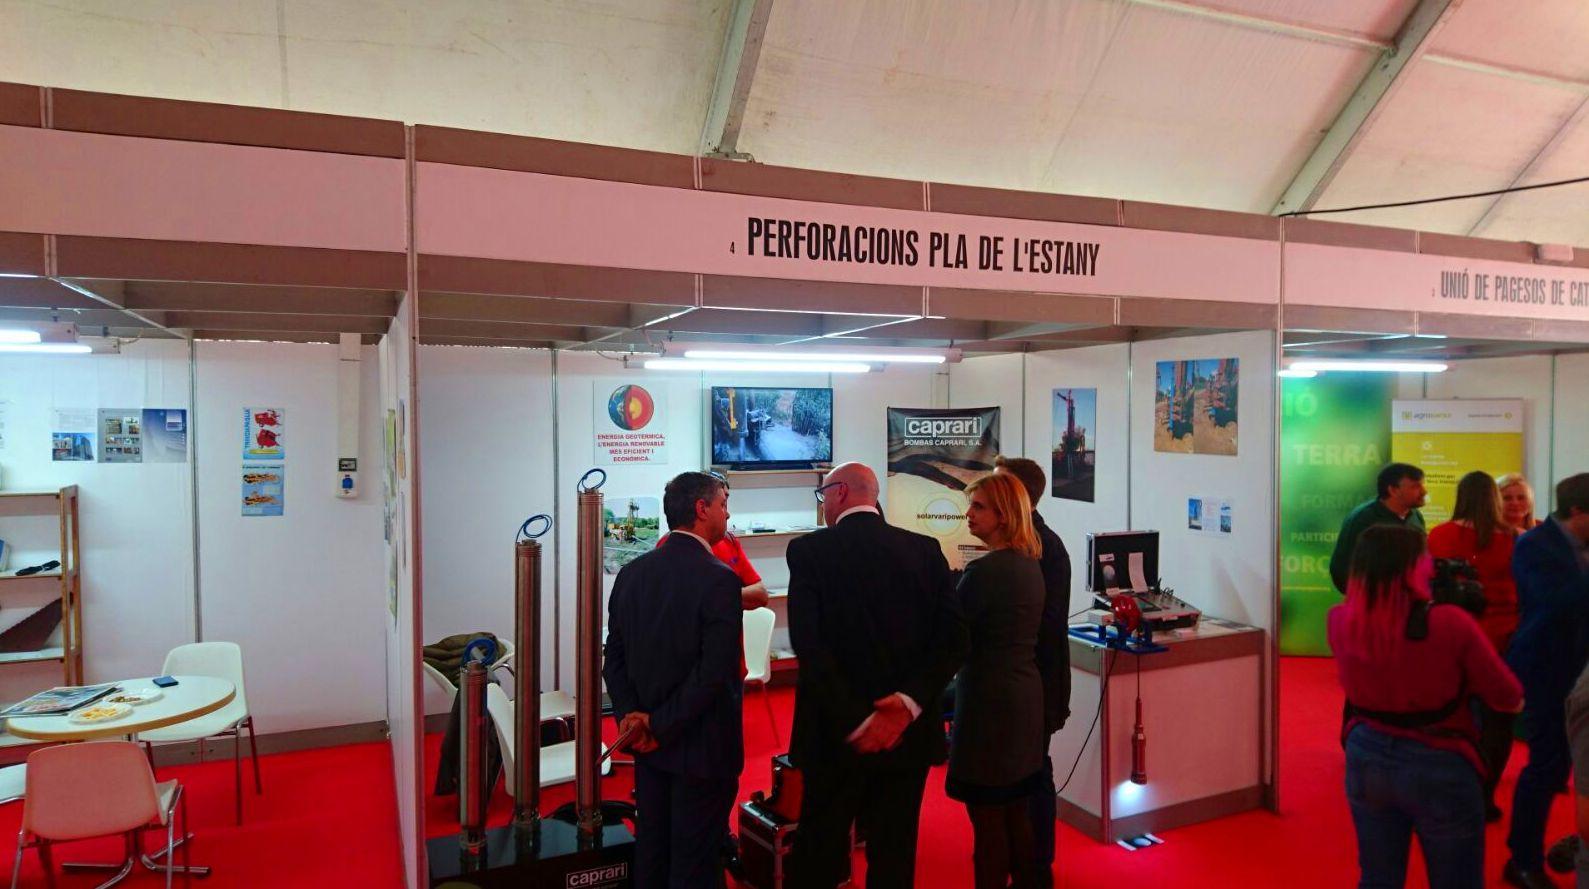 Expositor Perforacions Pla de L'Estany, Firagri 2017.